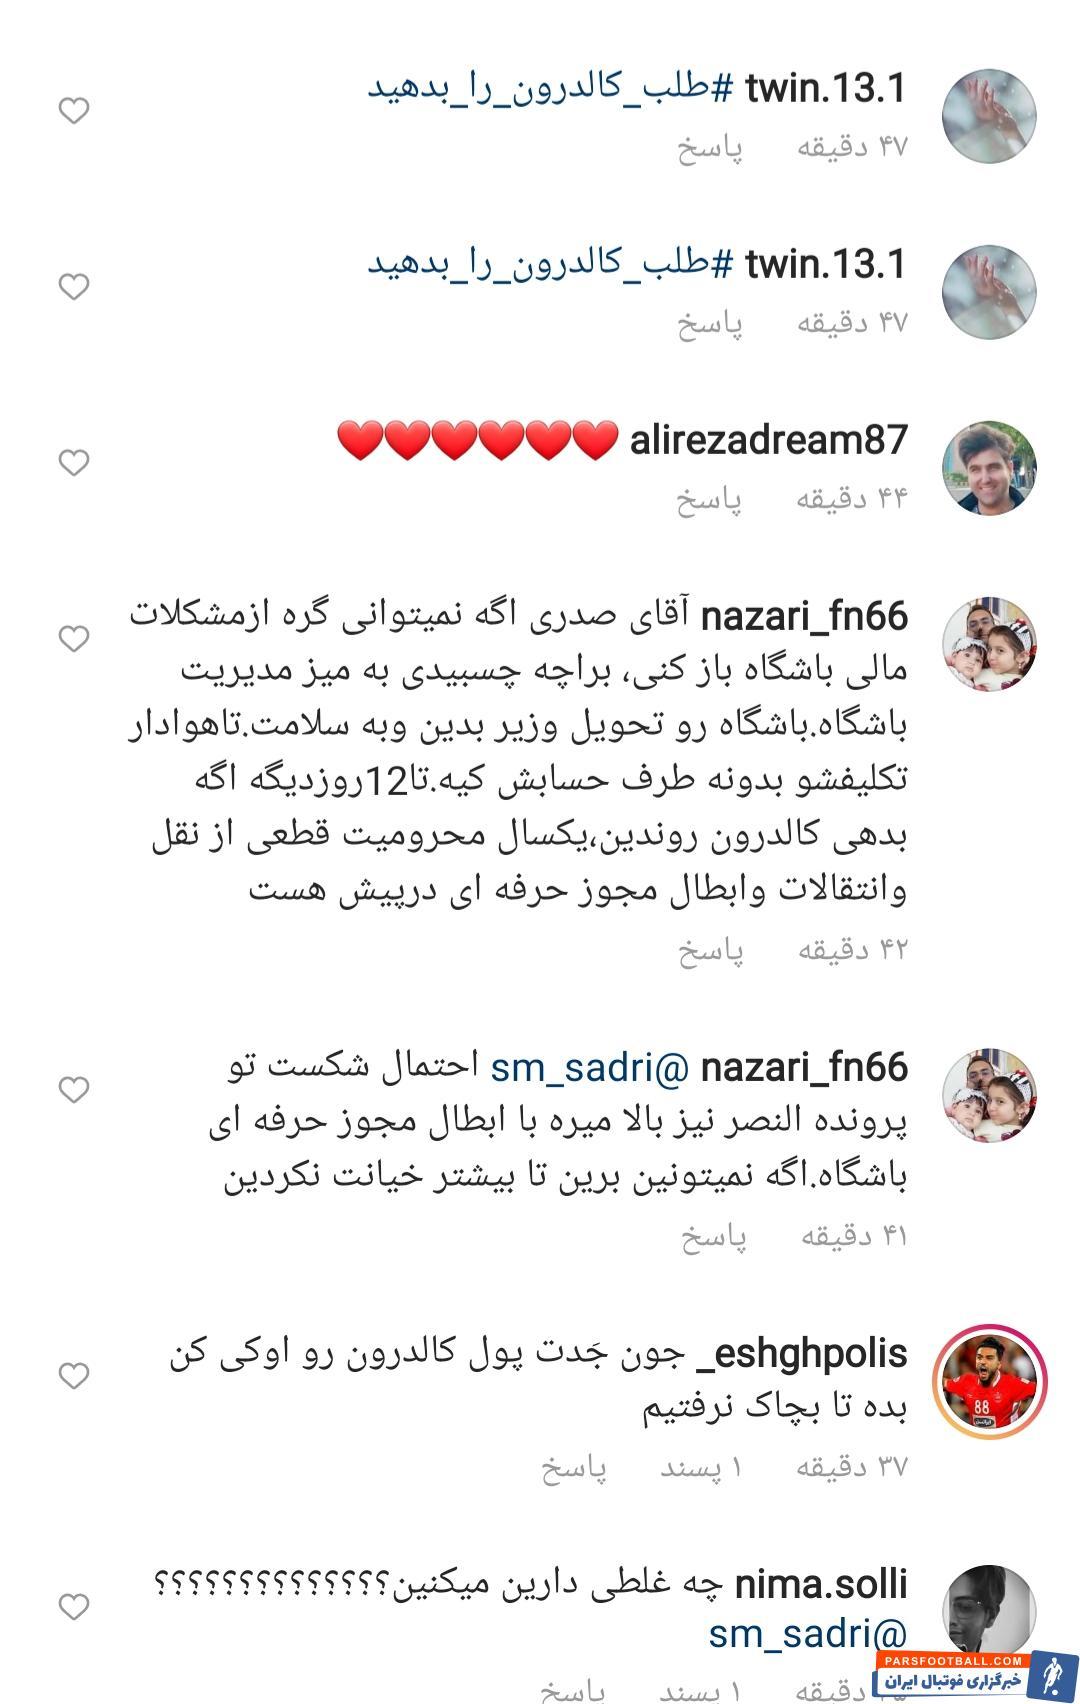 هواداران تیم پرسپولیس با حضور در پیج سید مجید صدری ، سرپرست مدیرعاملی این باشگاه اعتراض خود را نسبت به وضع اسف بار مدیریتی در این باشگاه نشان دادند.